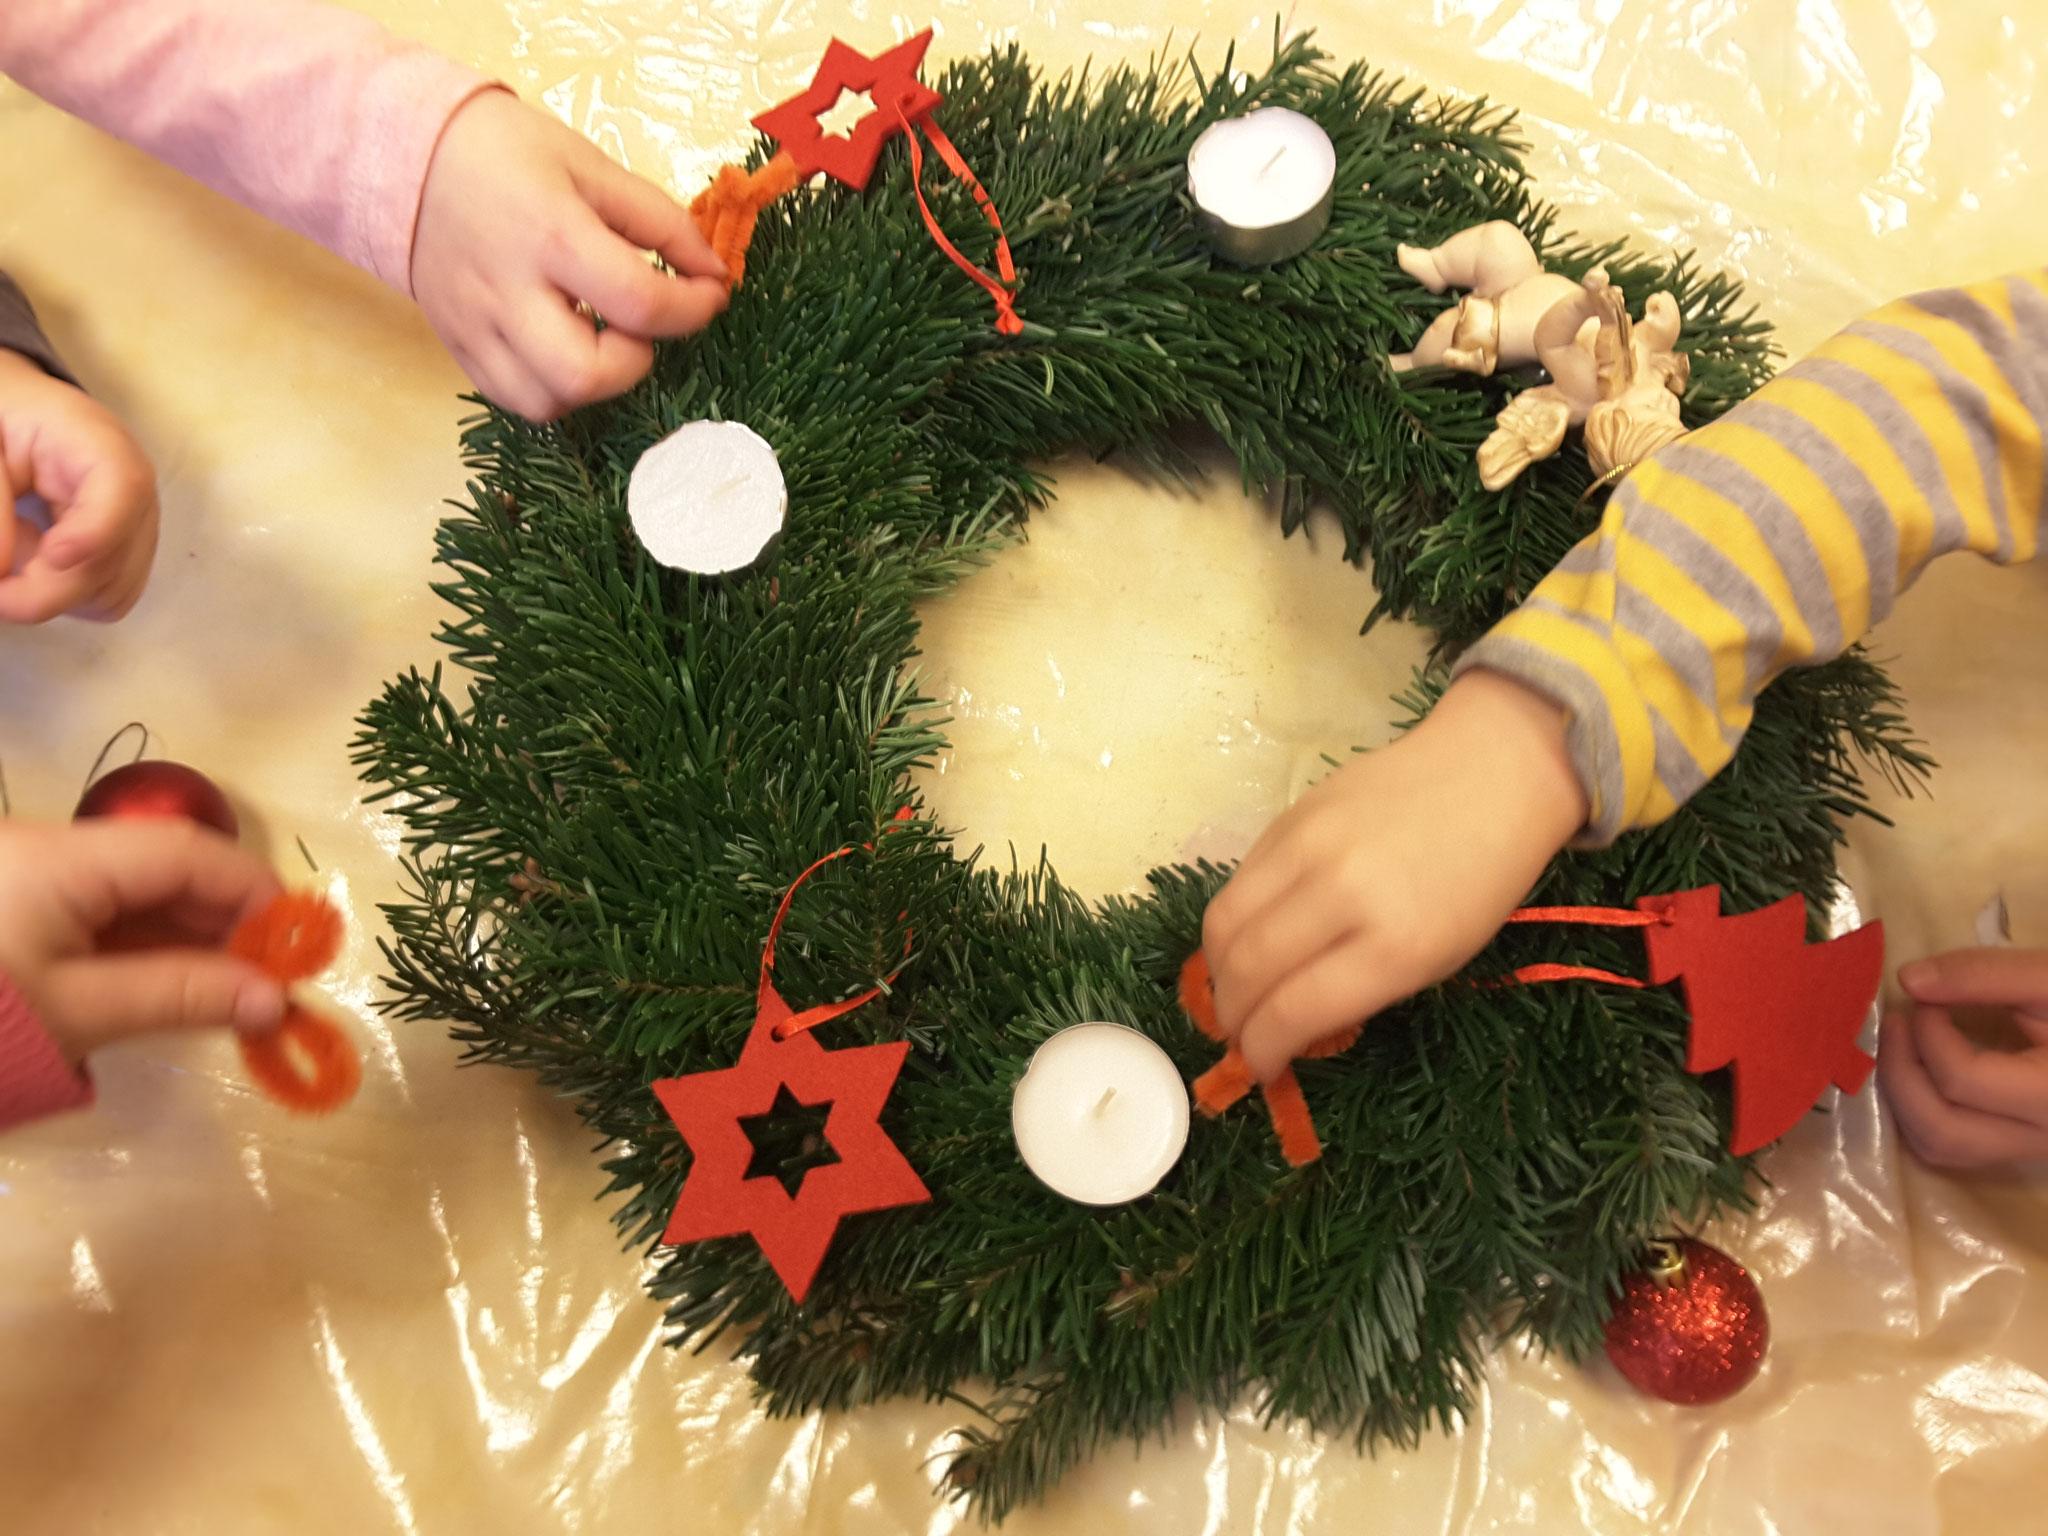 Feste - Weihnachten